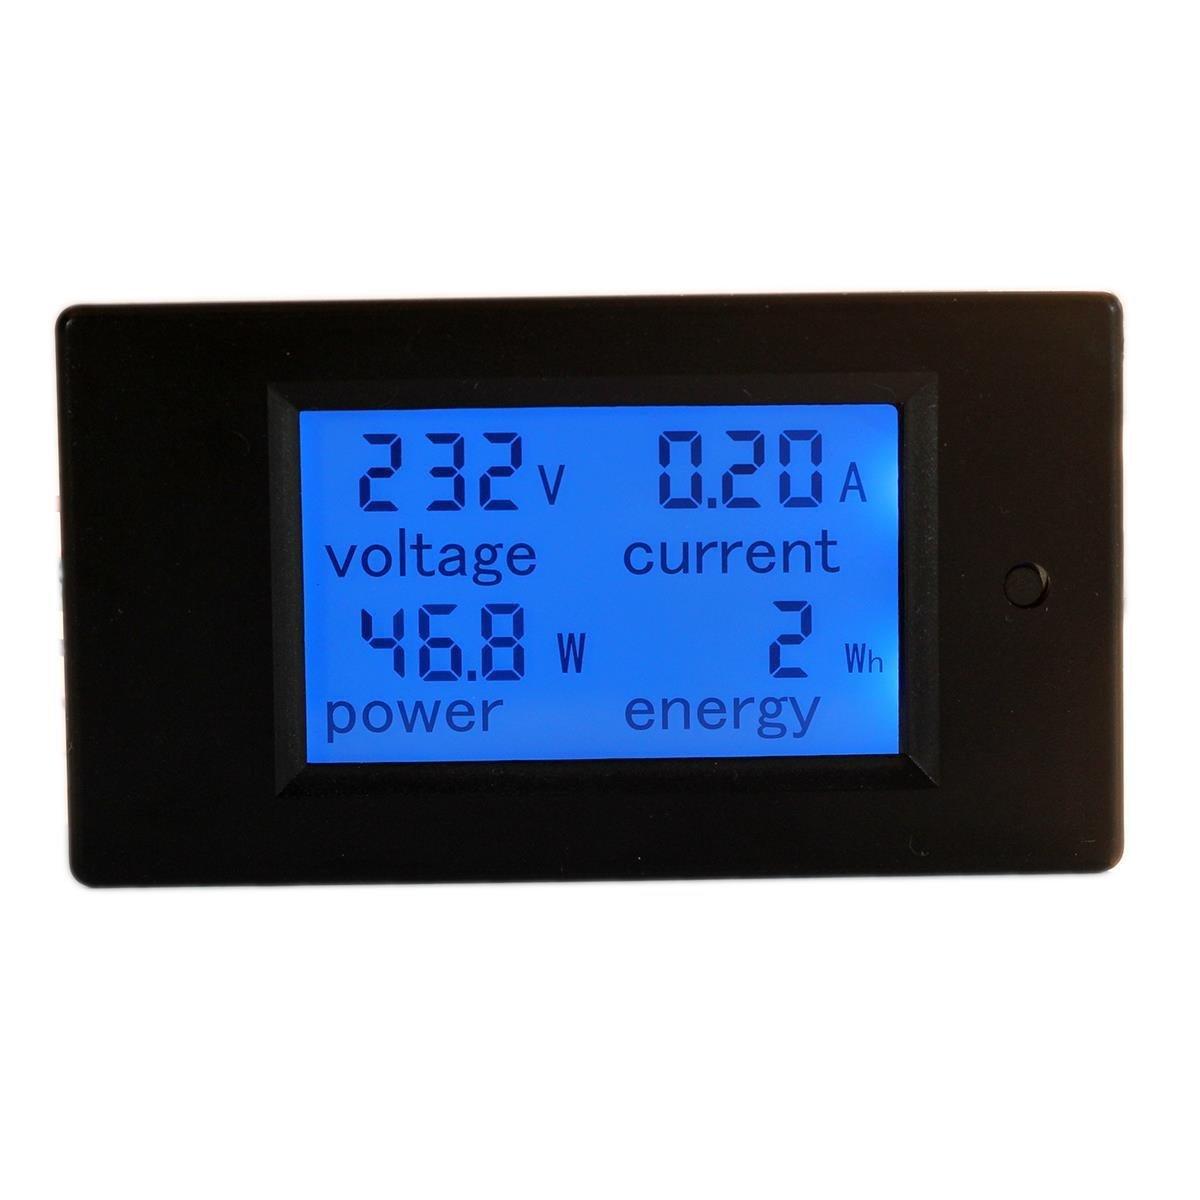 HiLetgo DC 6.5-100V 0-20A LCD Display Digital Ammeter Voltmeter Multimeter Current Voltage Power Energy Battery Monitor Amperage Meter Gauge with Built-in Shunt 3-01-1457